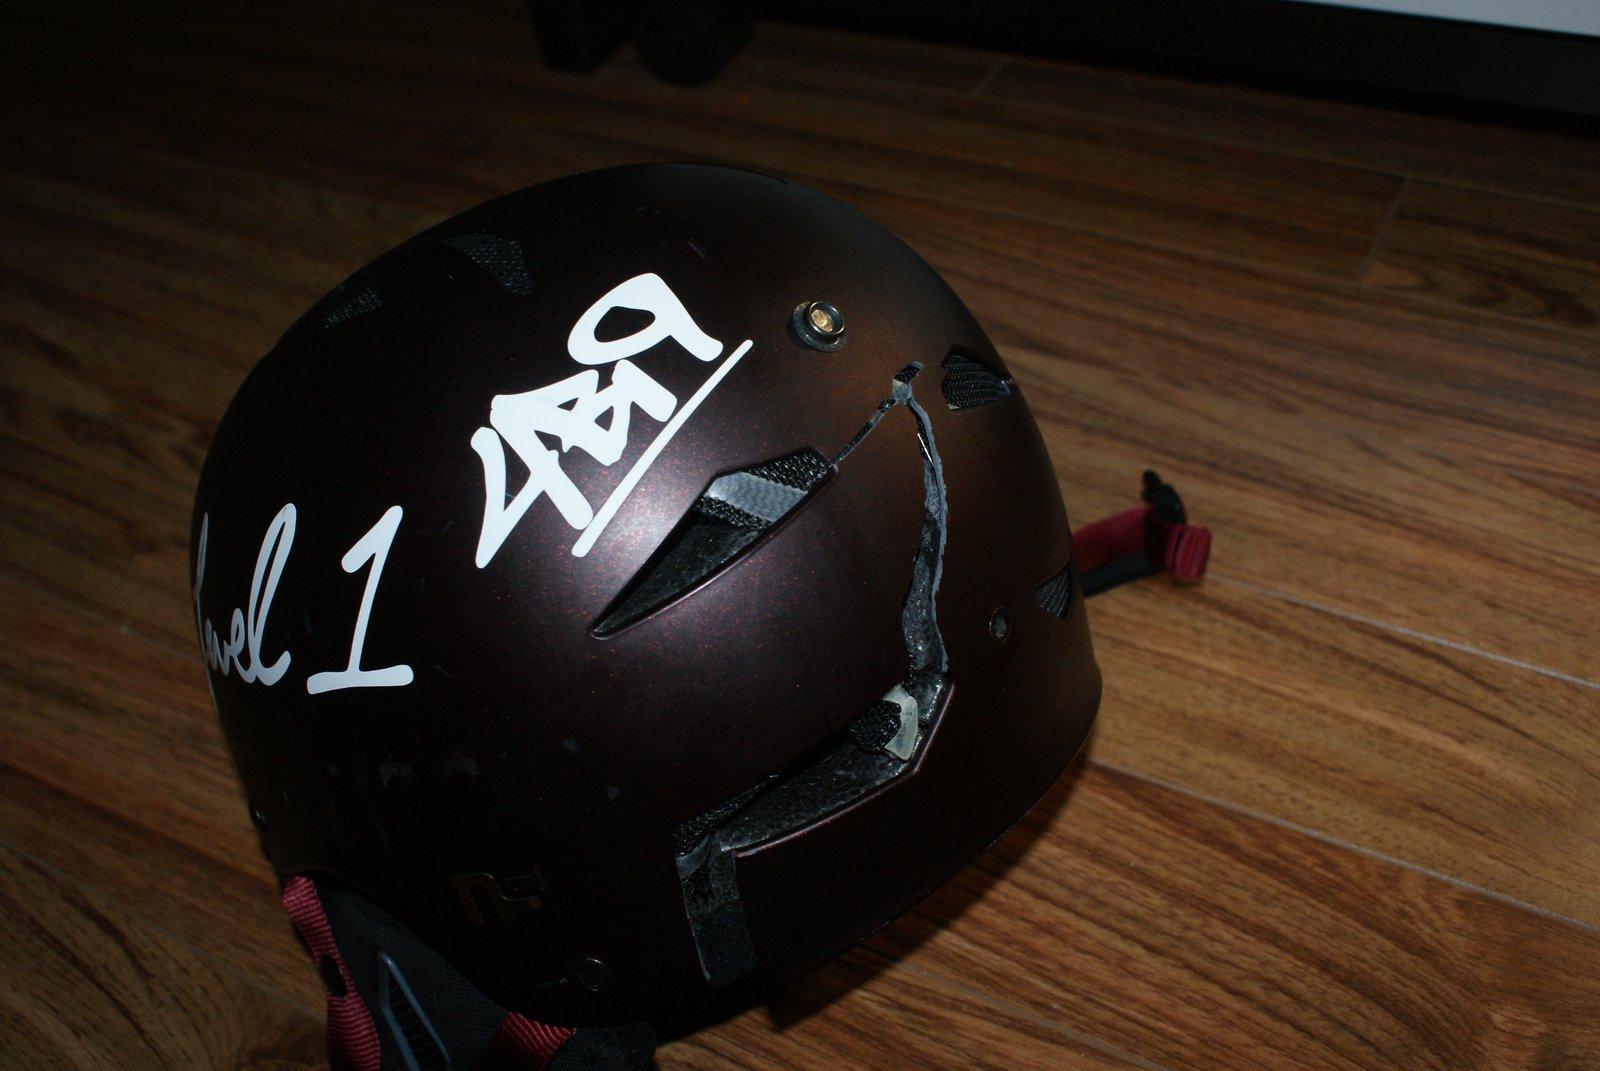 Broken helmet - 2 of 2